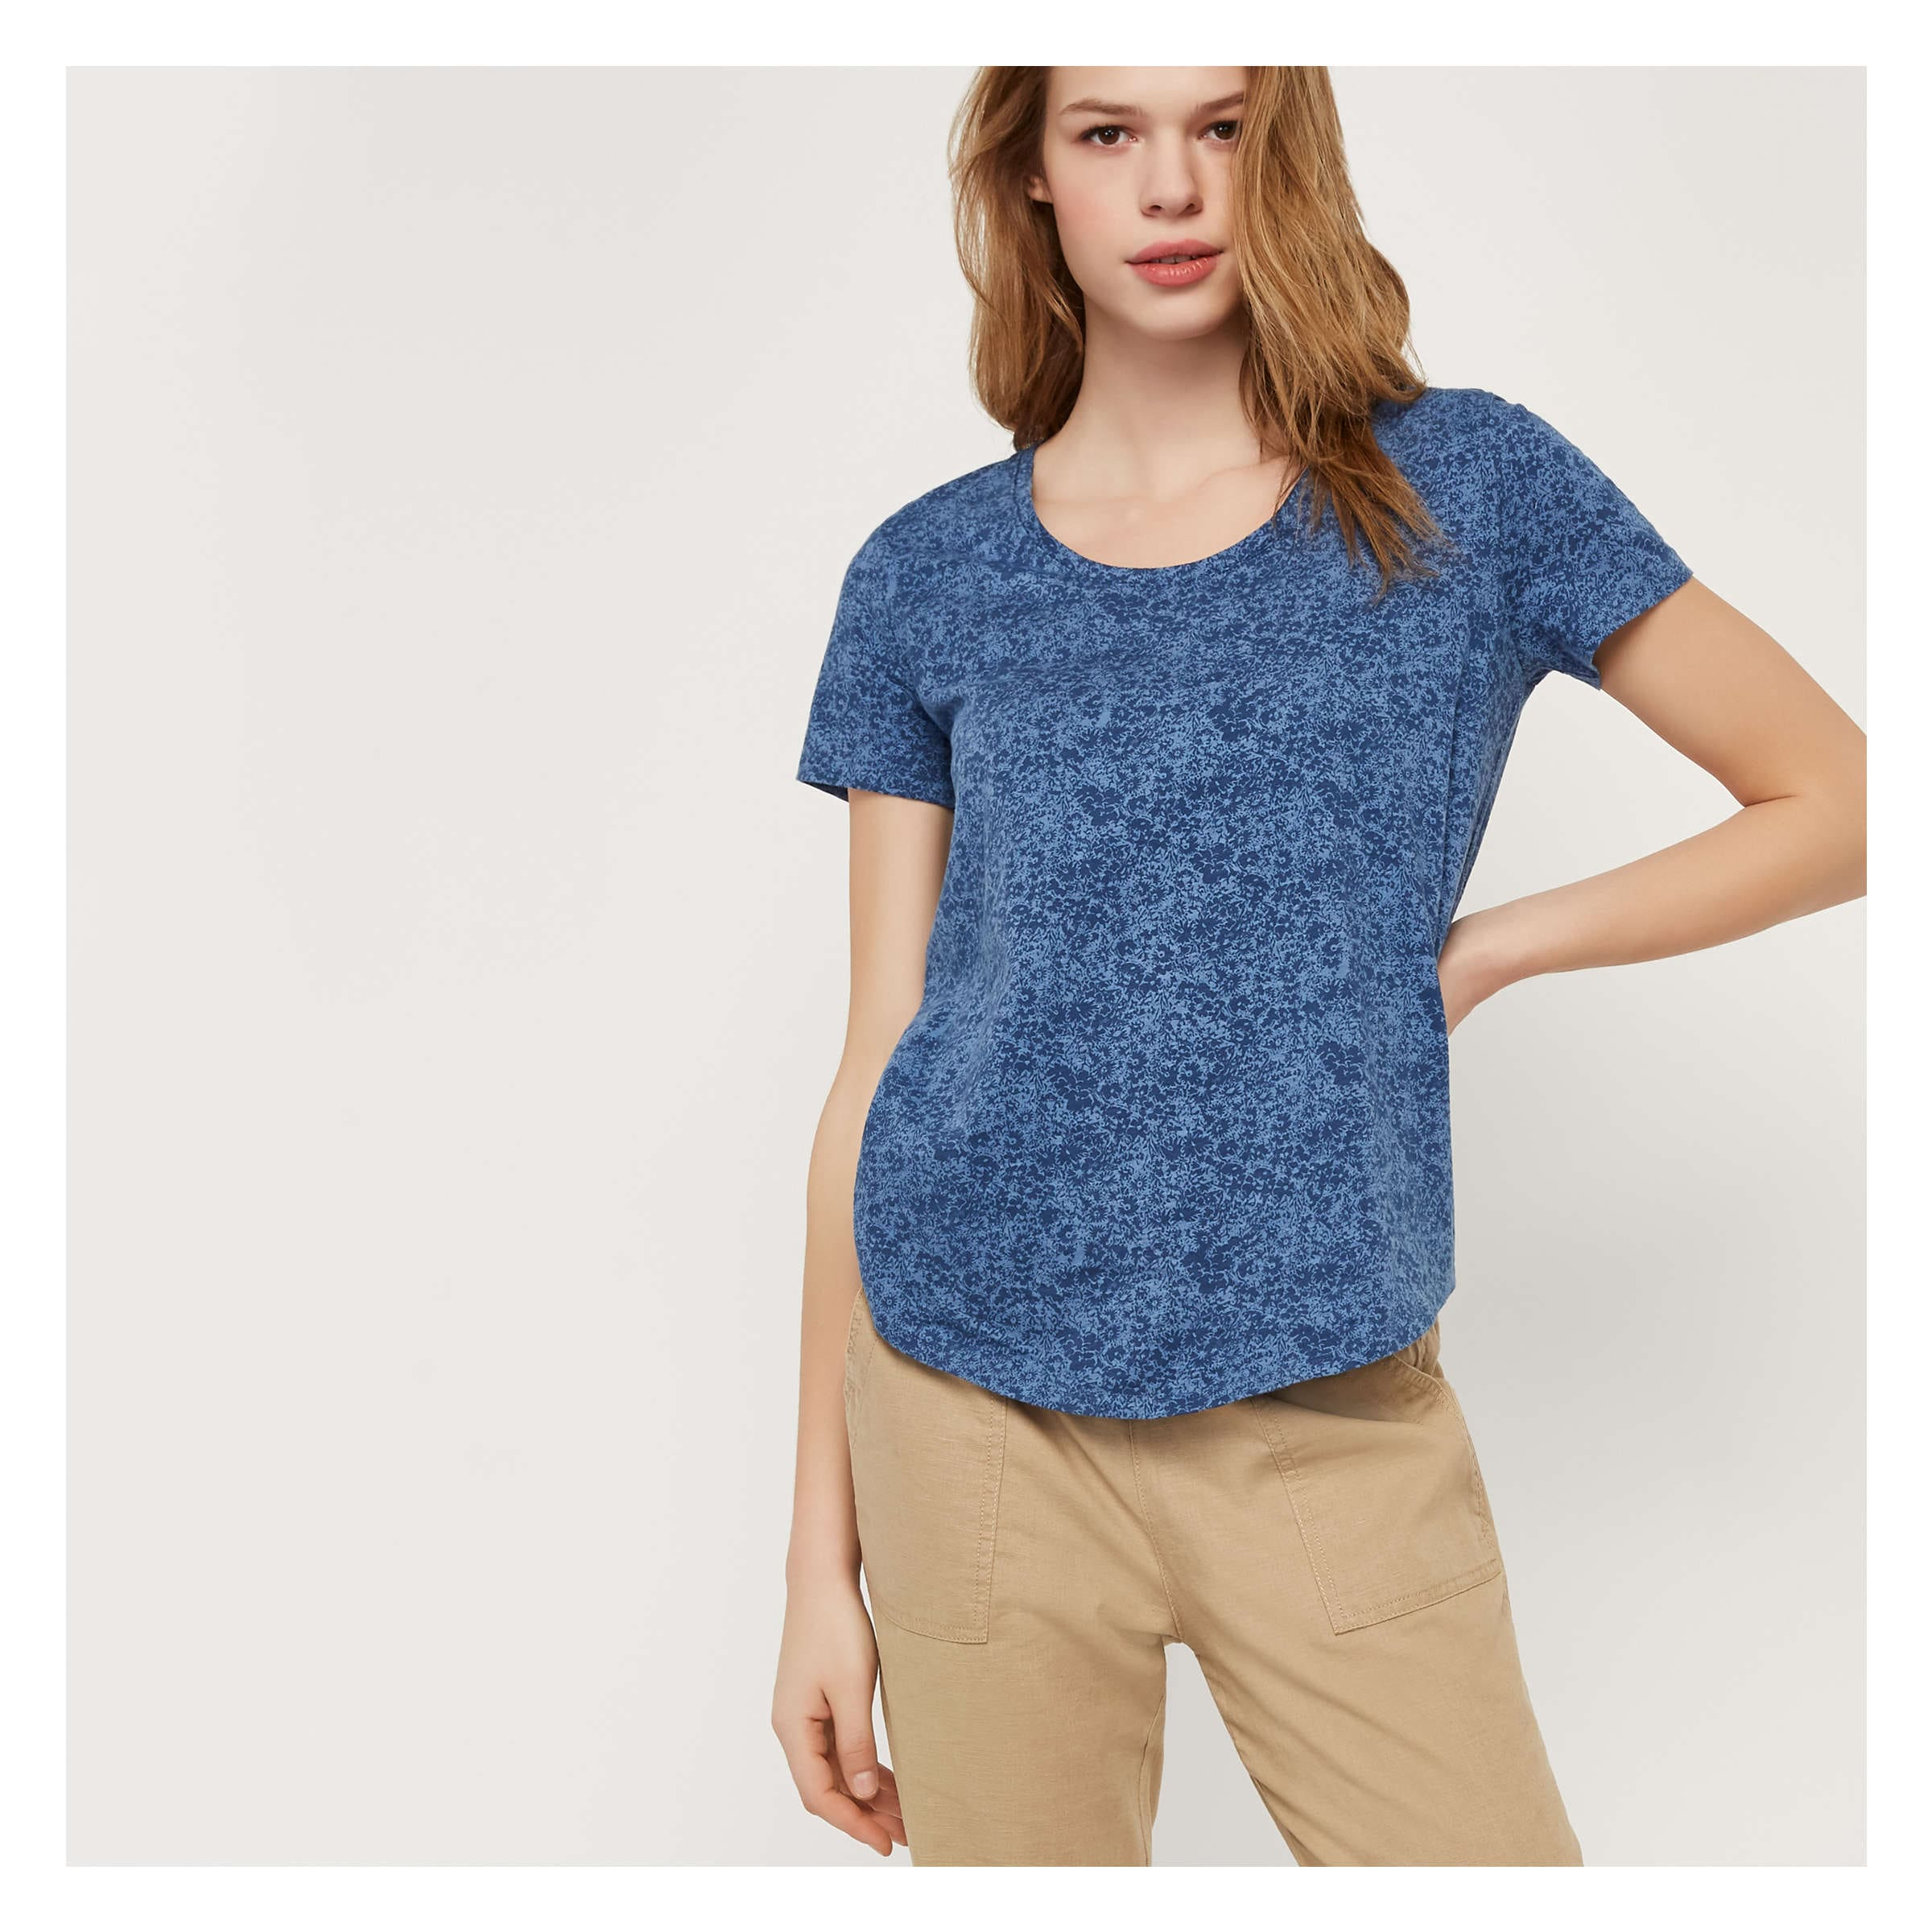 61d7c67a142 Print Slub Knit Tee in Denim Blue from Joe Fresh